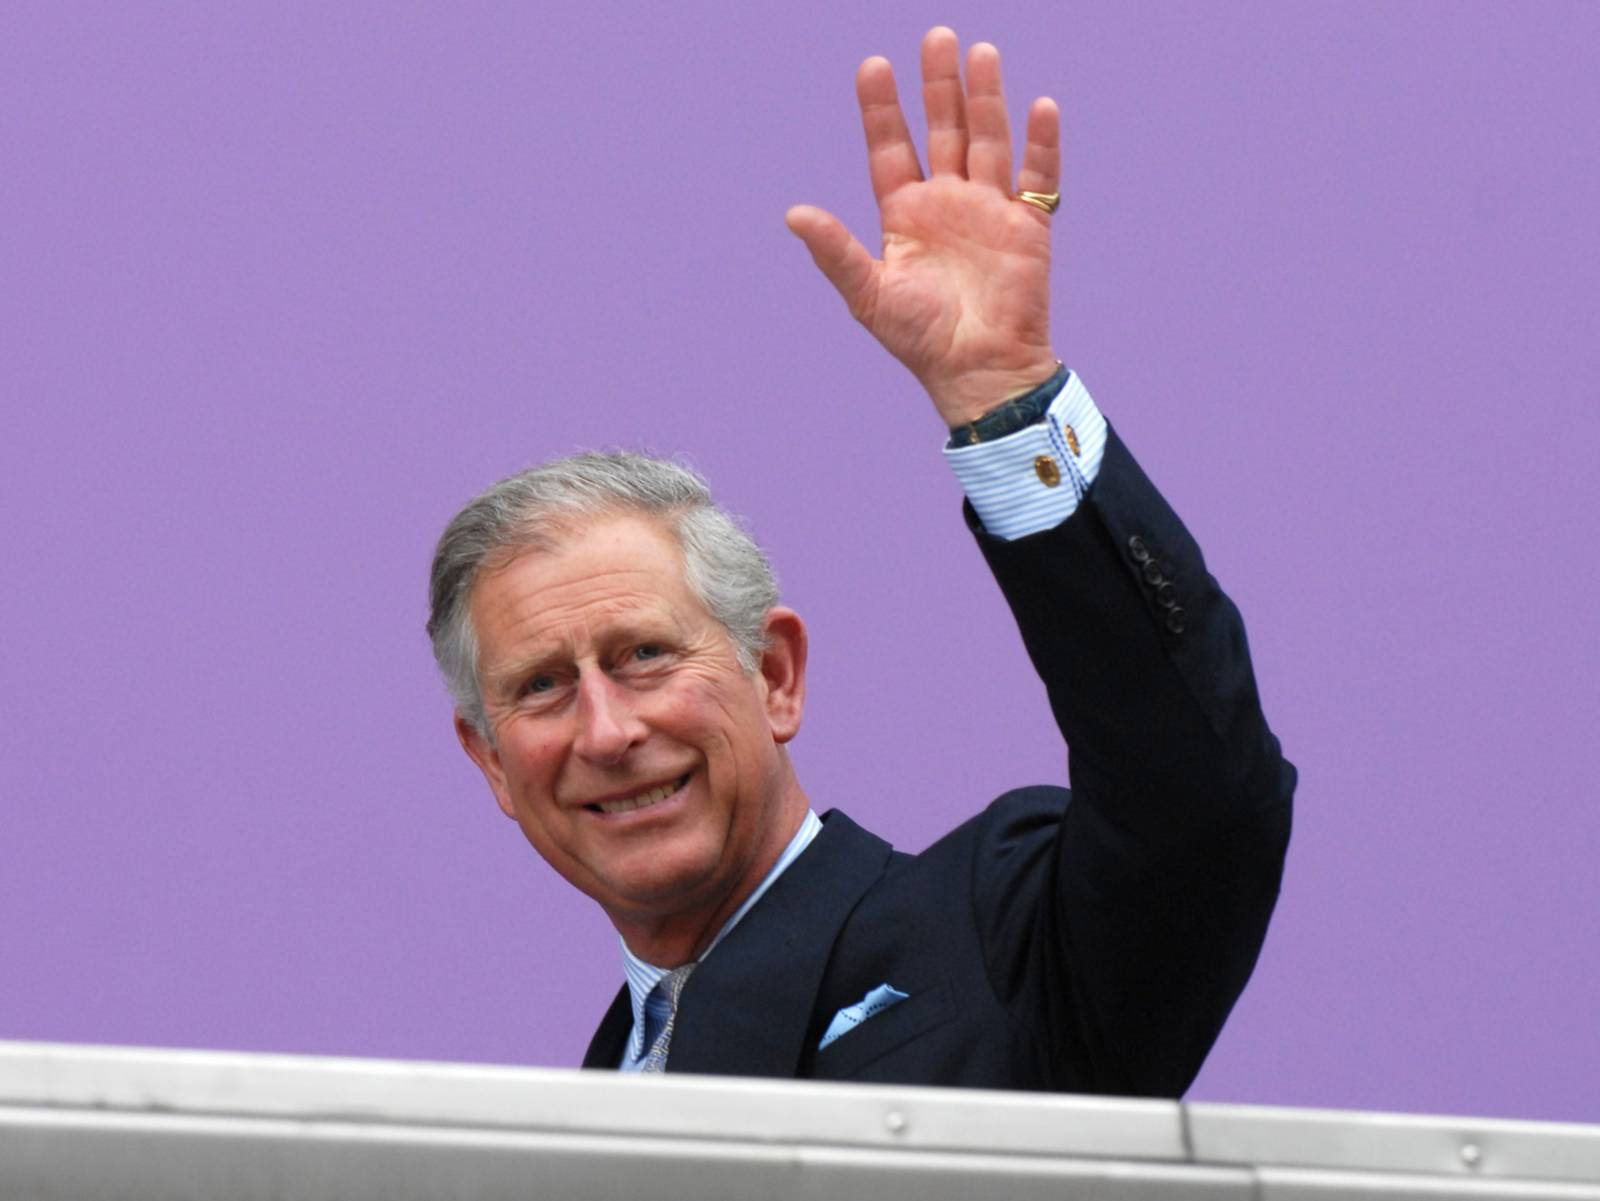 Prinz Charles winkt.